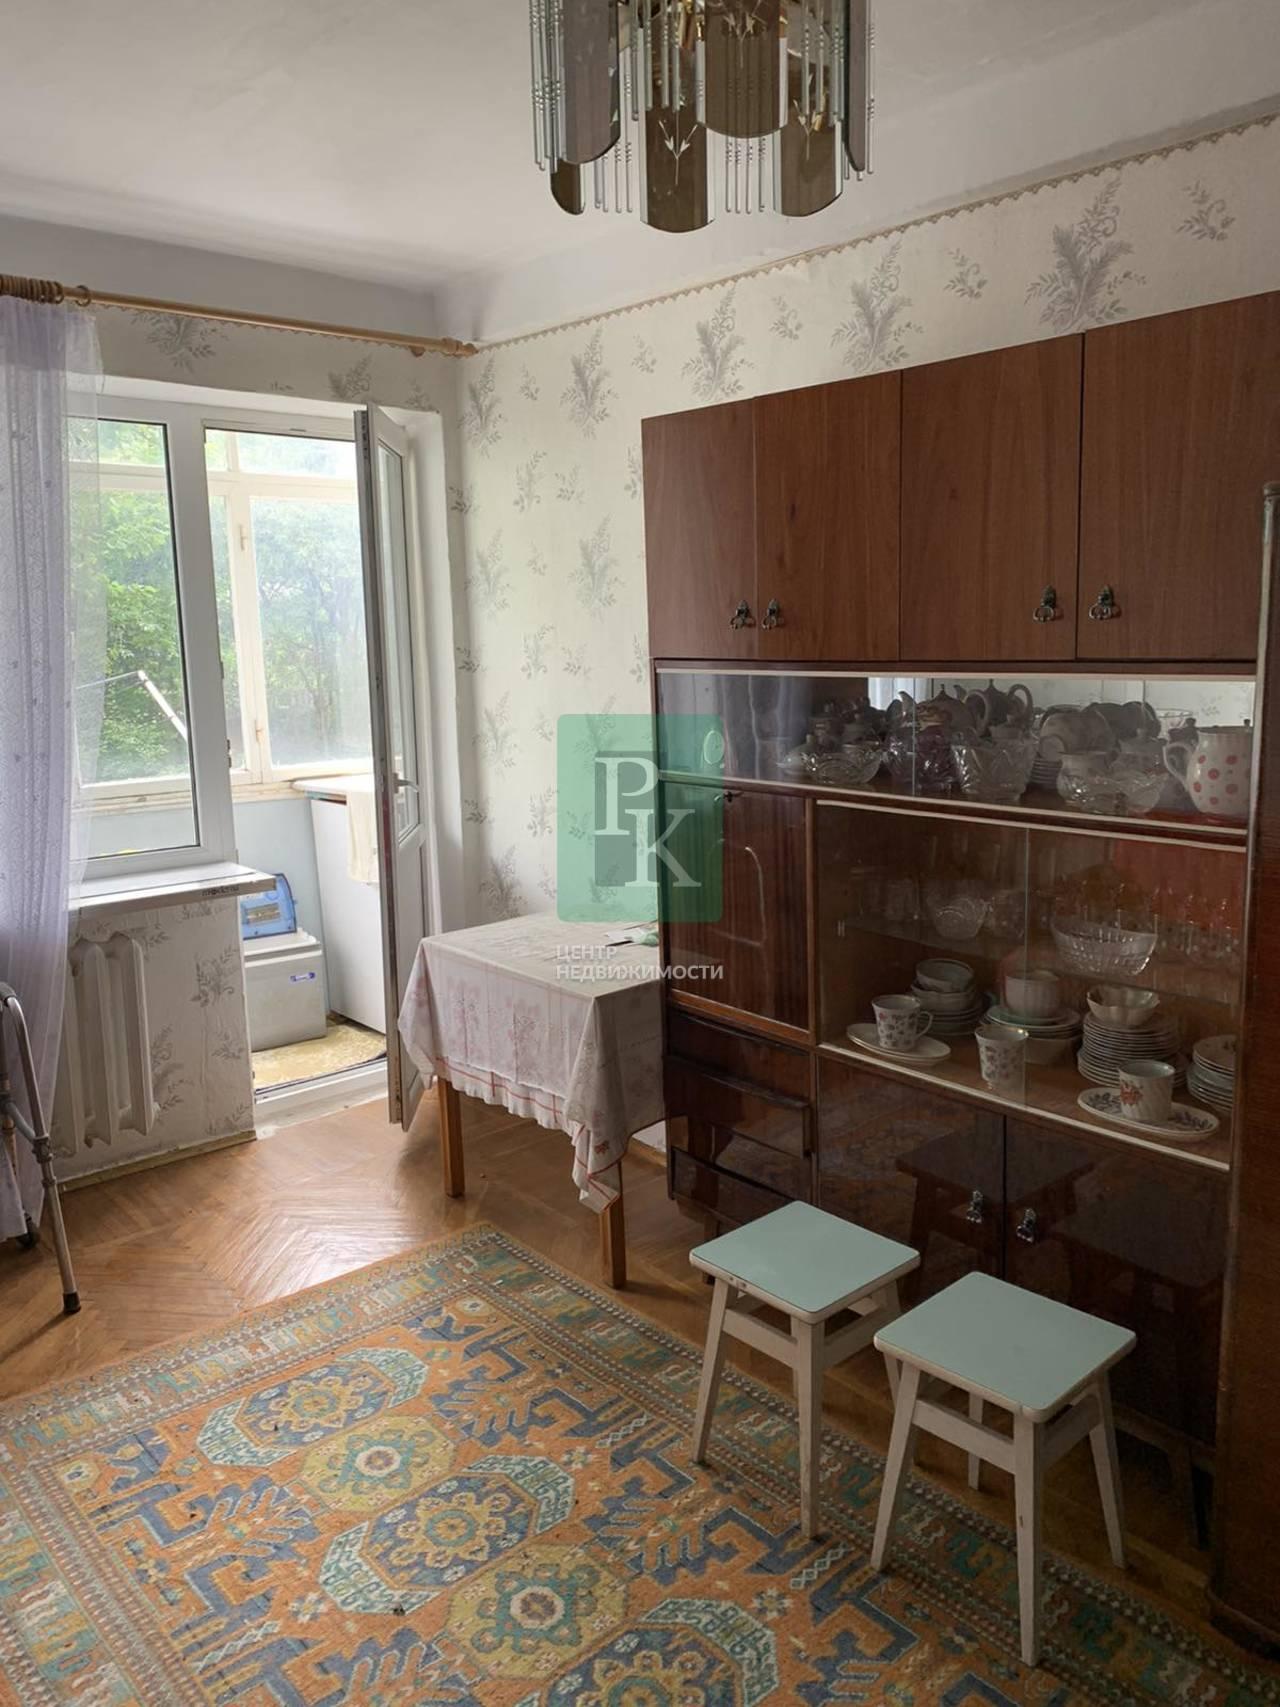 Продается однокомнатная квартира на Ефремова 22.